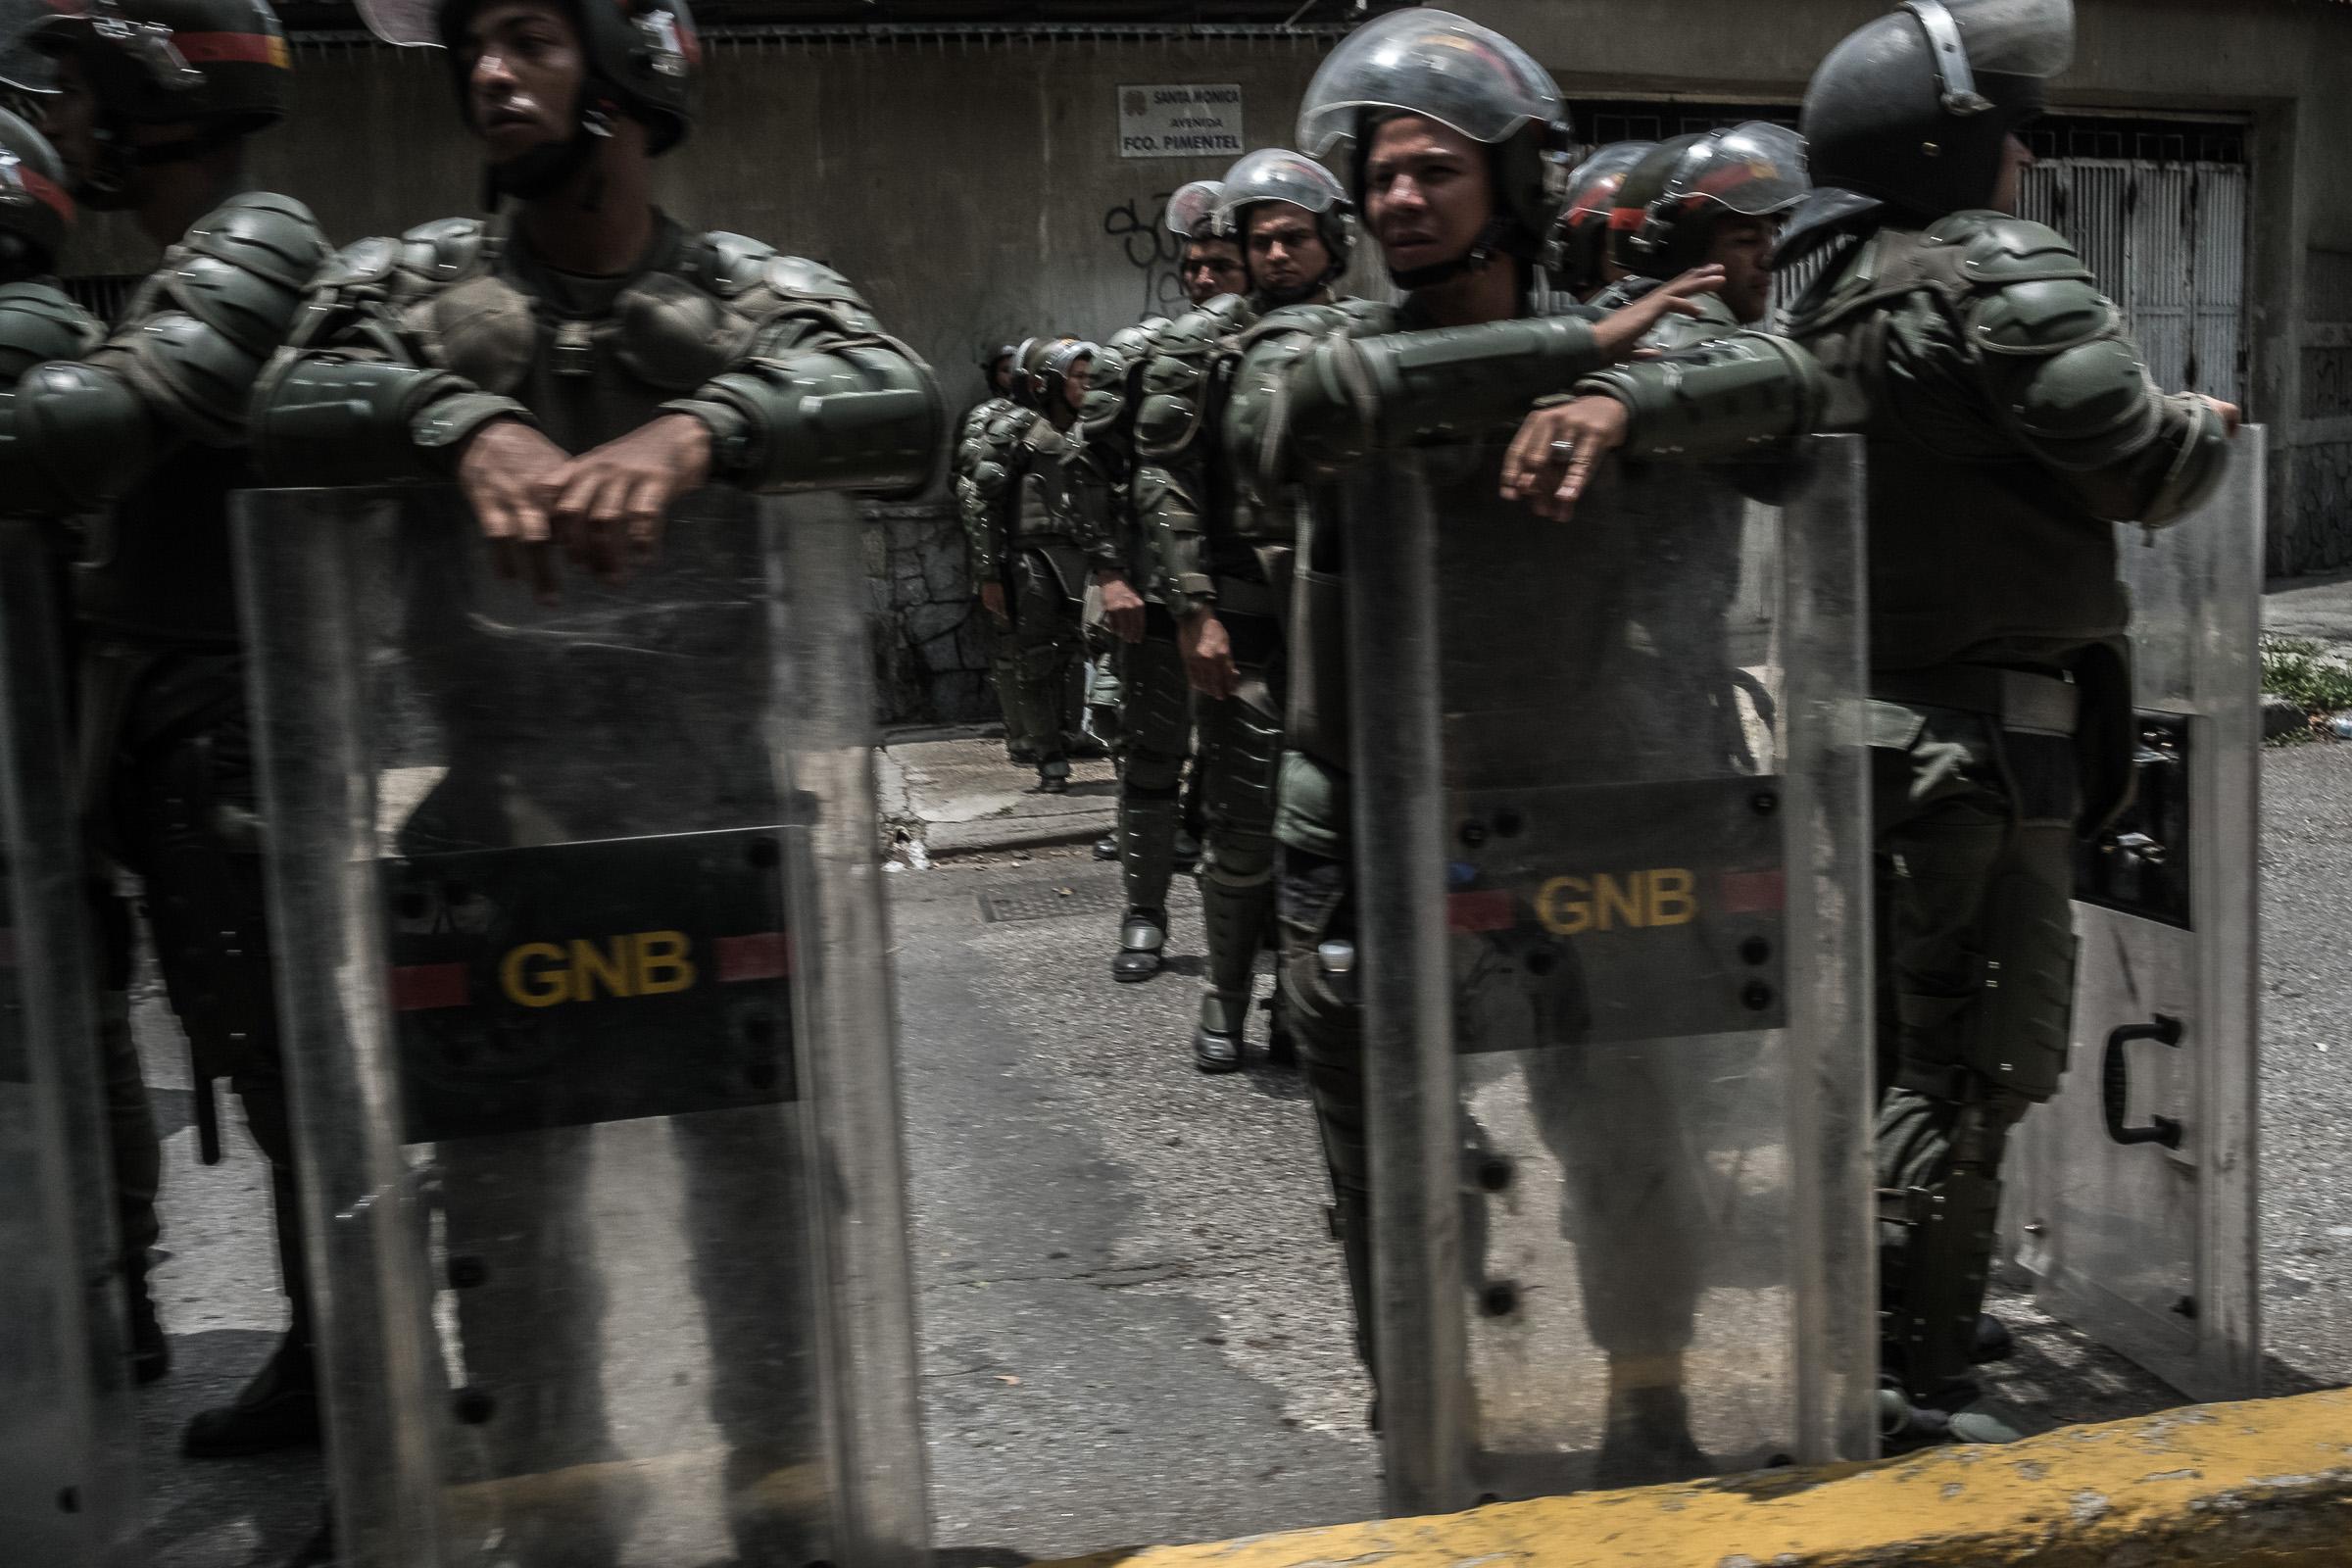 April 19, 2017 Caracas, Venezuela (Photo by Joris van Gennip/GroundTruth)